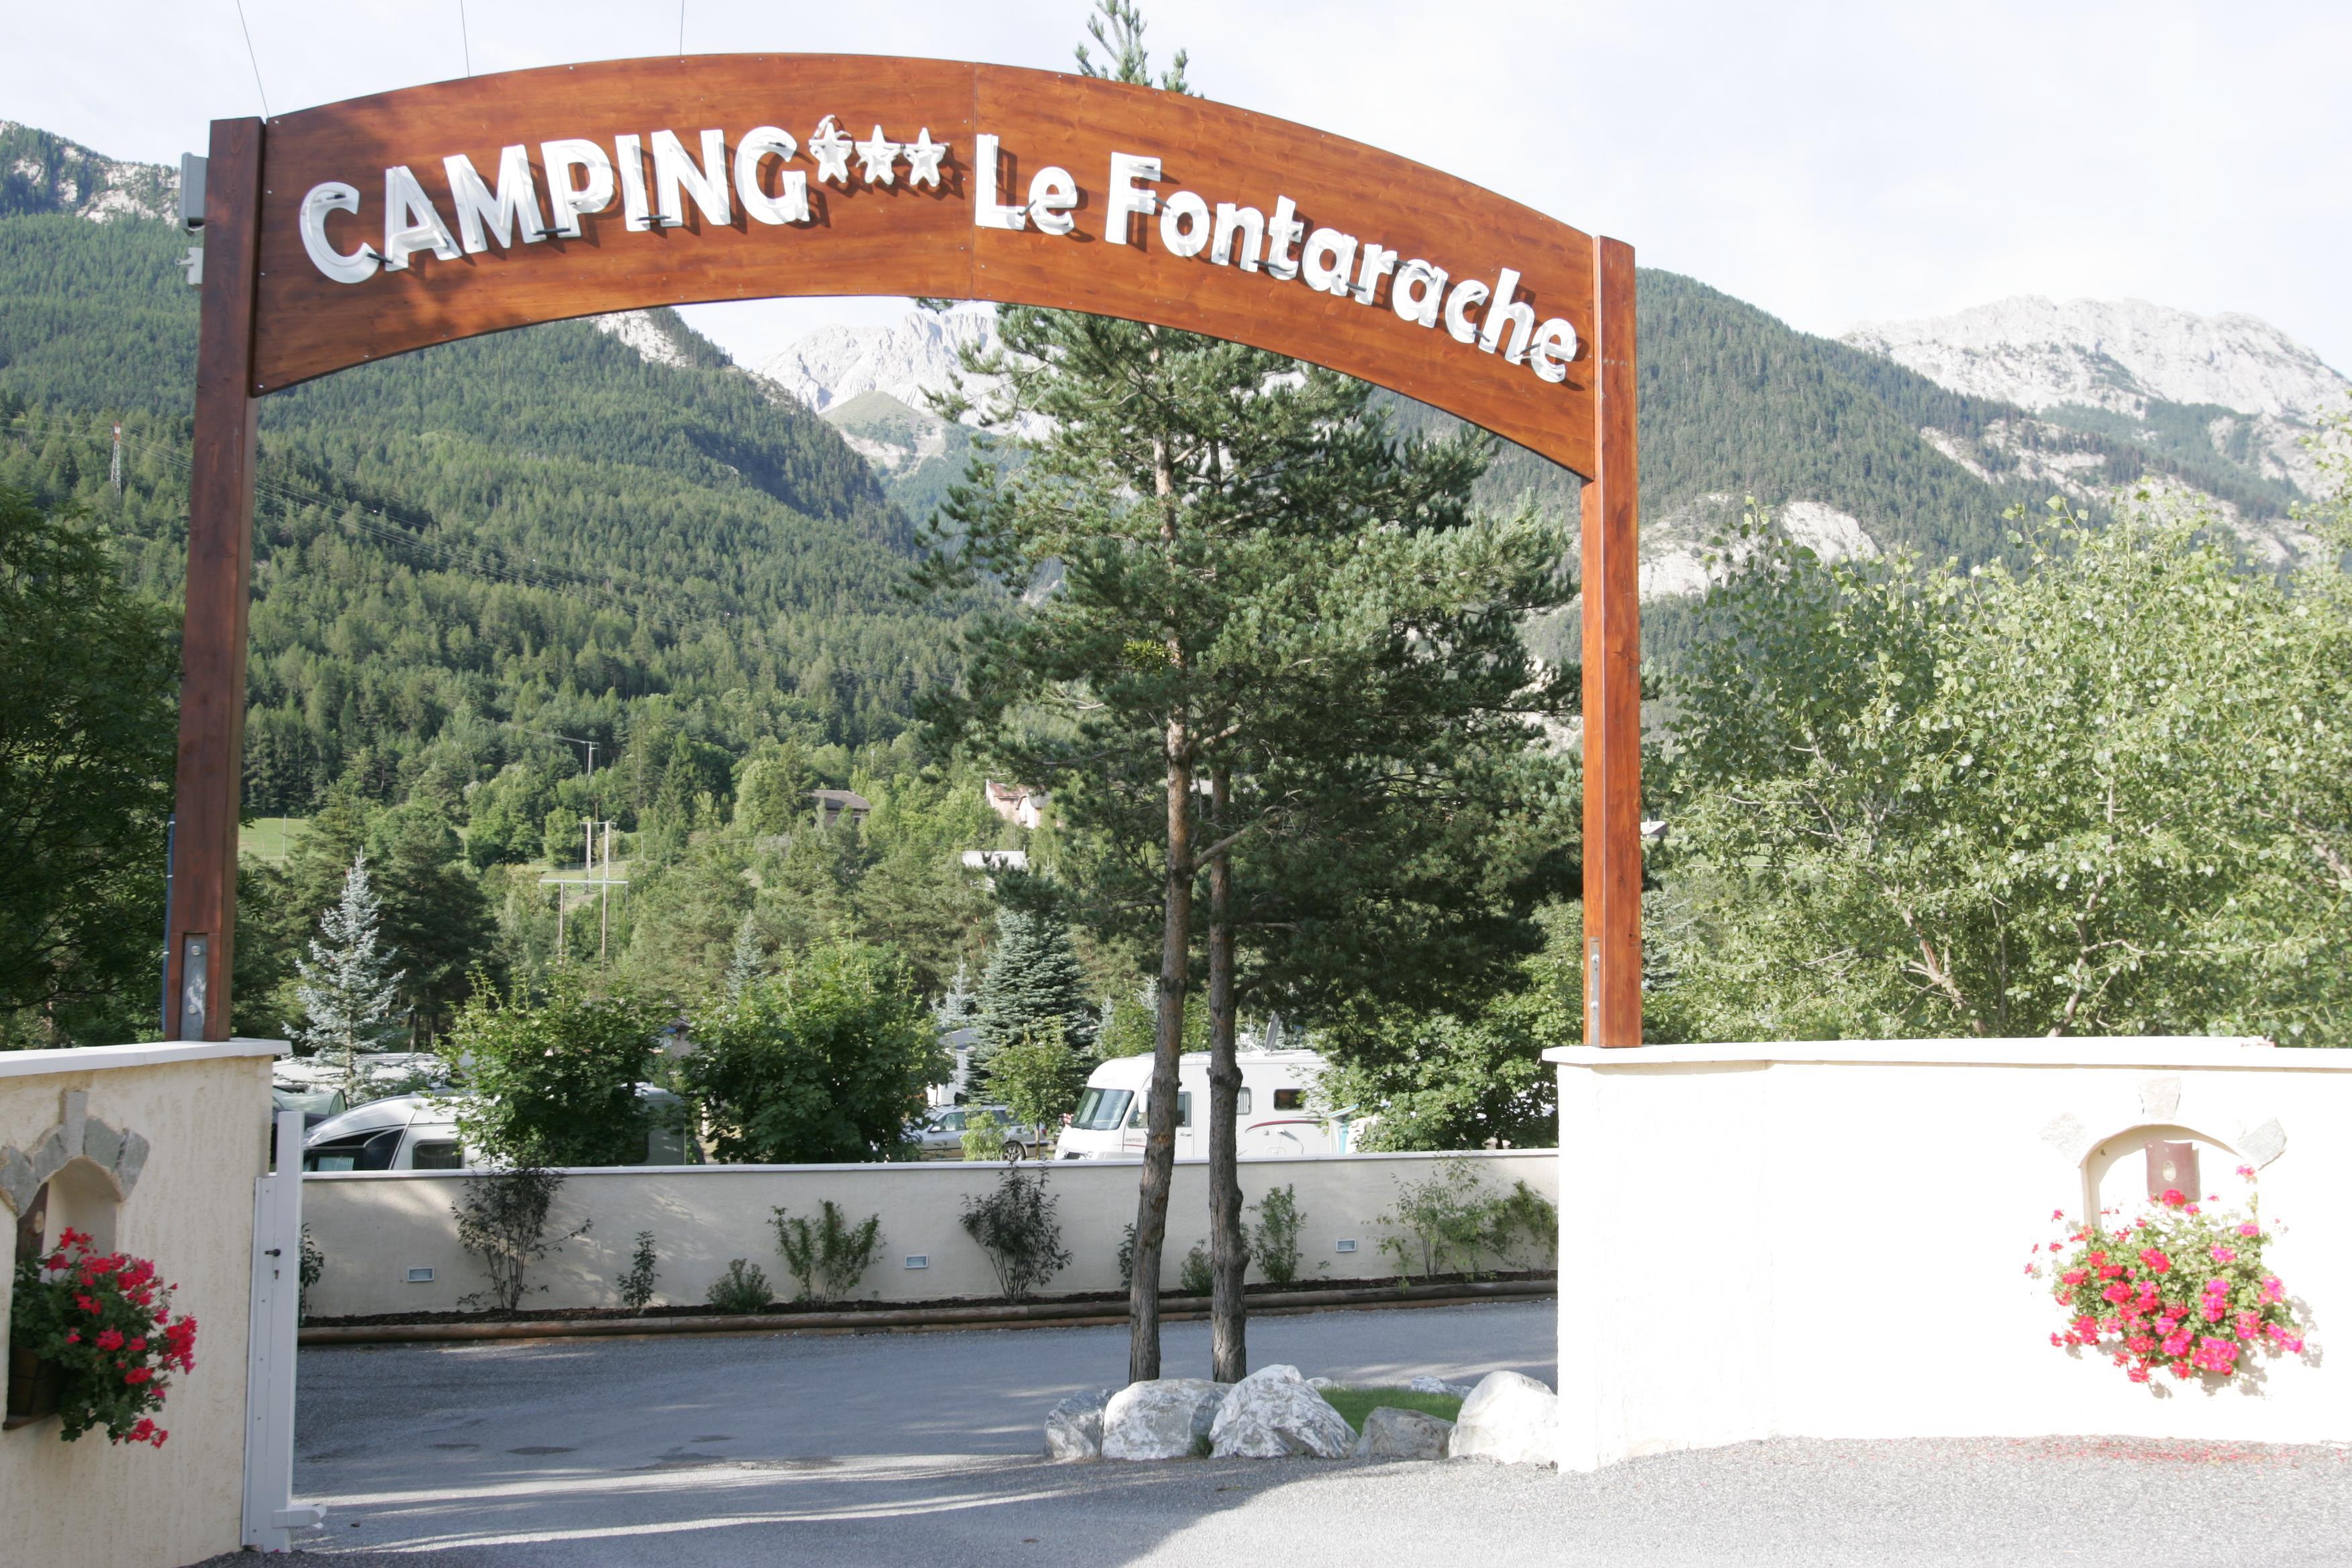 Camping le Fontarache, Barcelonnette, Alpes-de-Haute-Provence